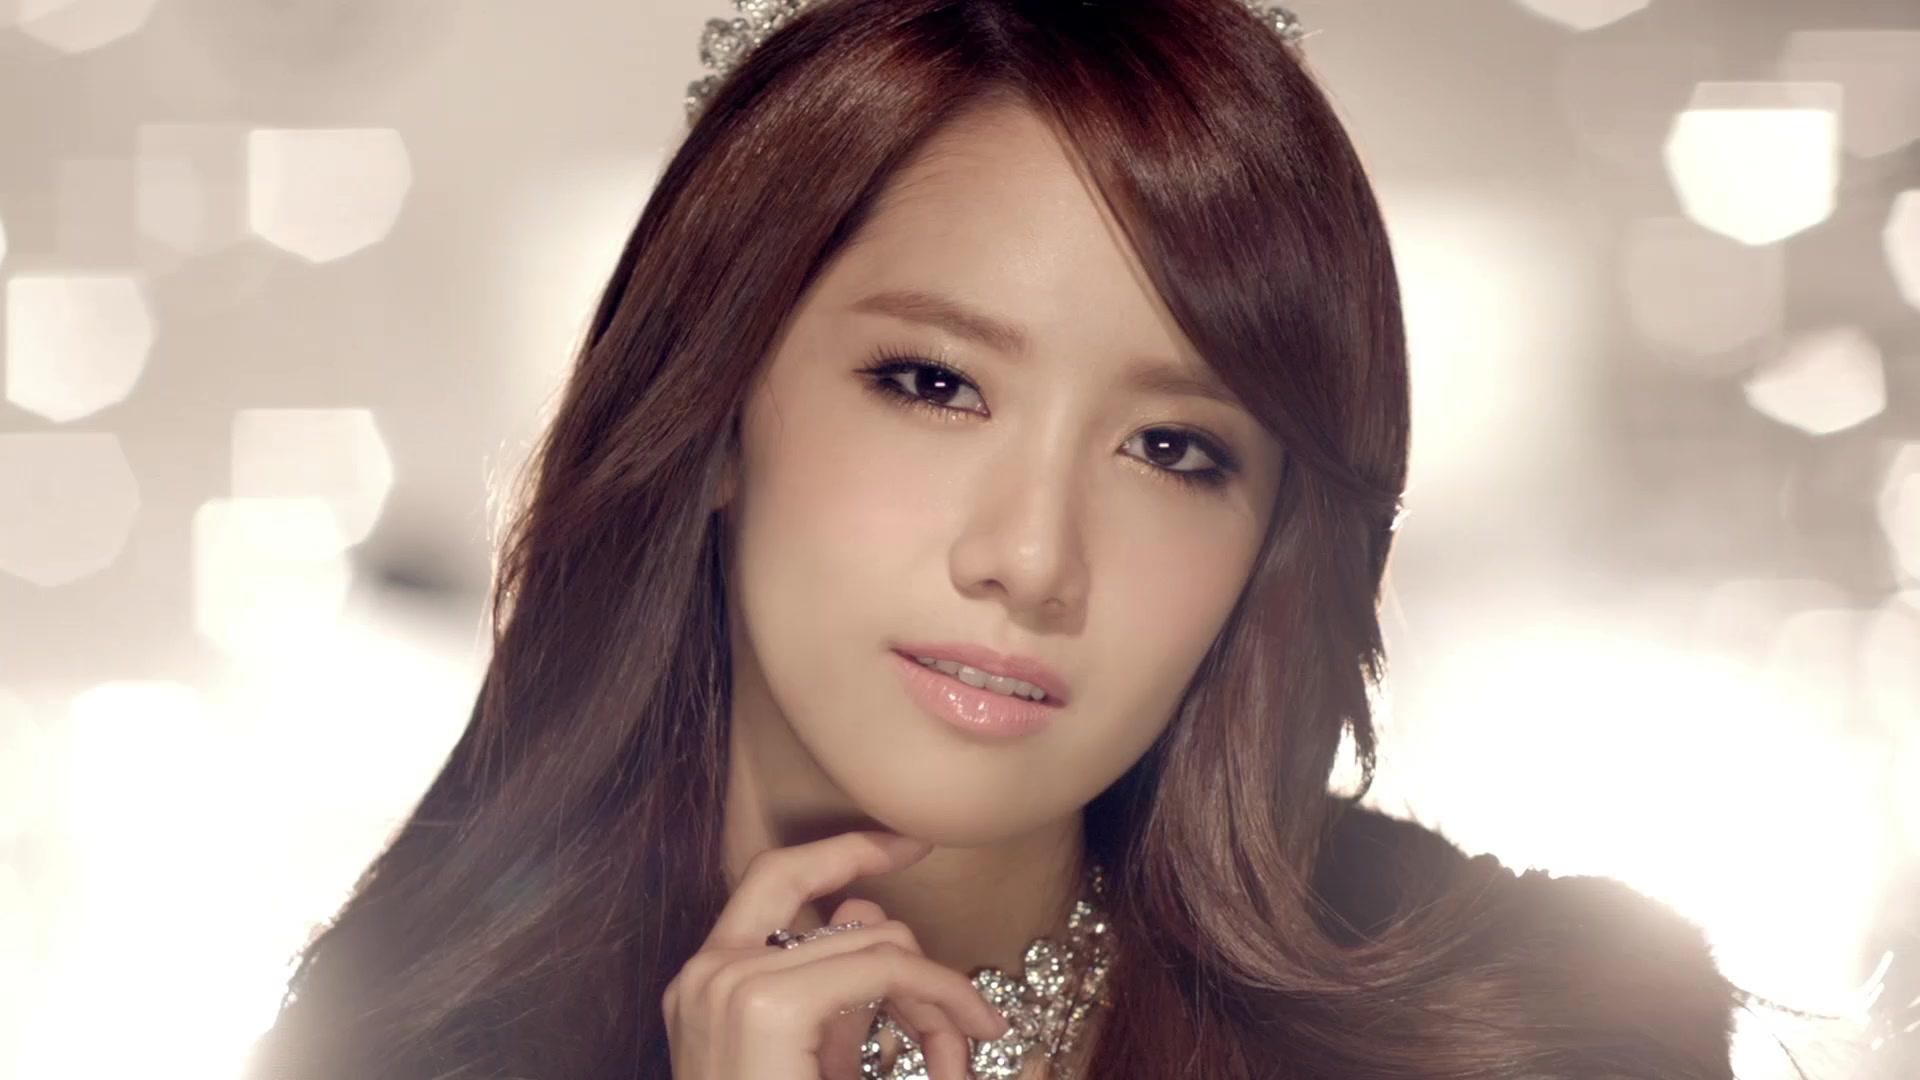 yoona the boys im yoona 27079265 1920 1080 - Yoona Cute Pics Kpop